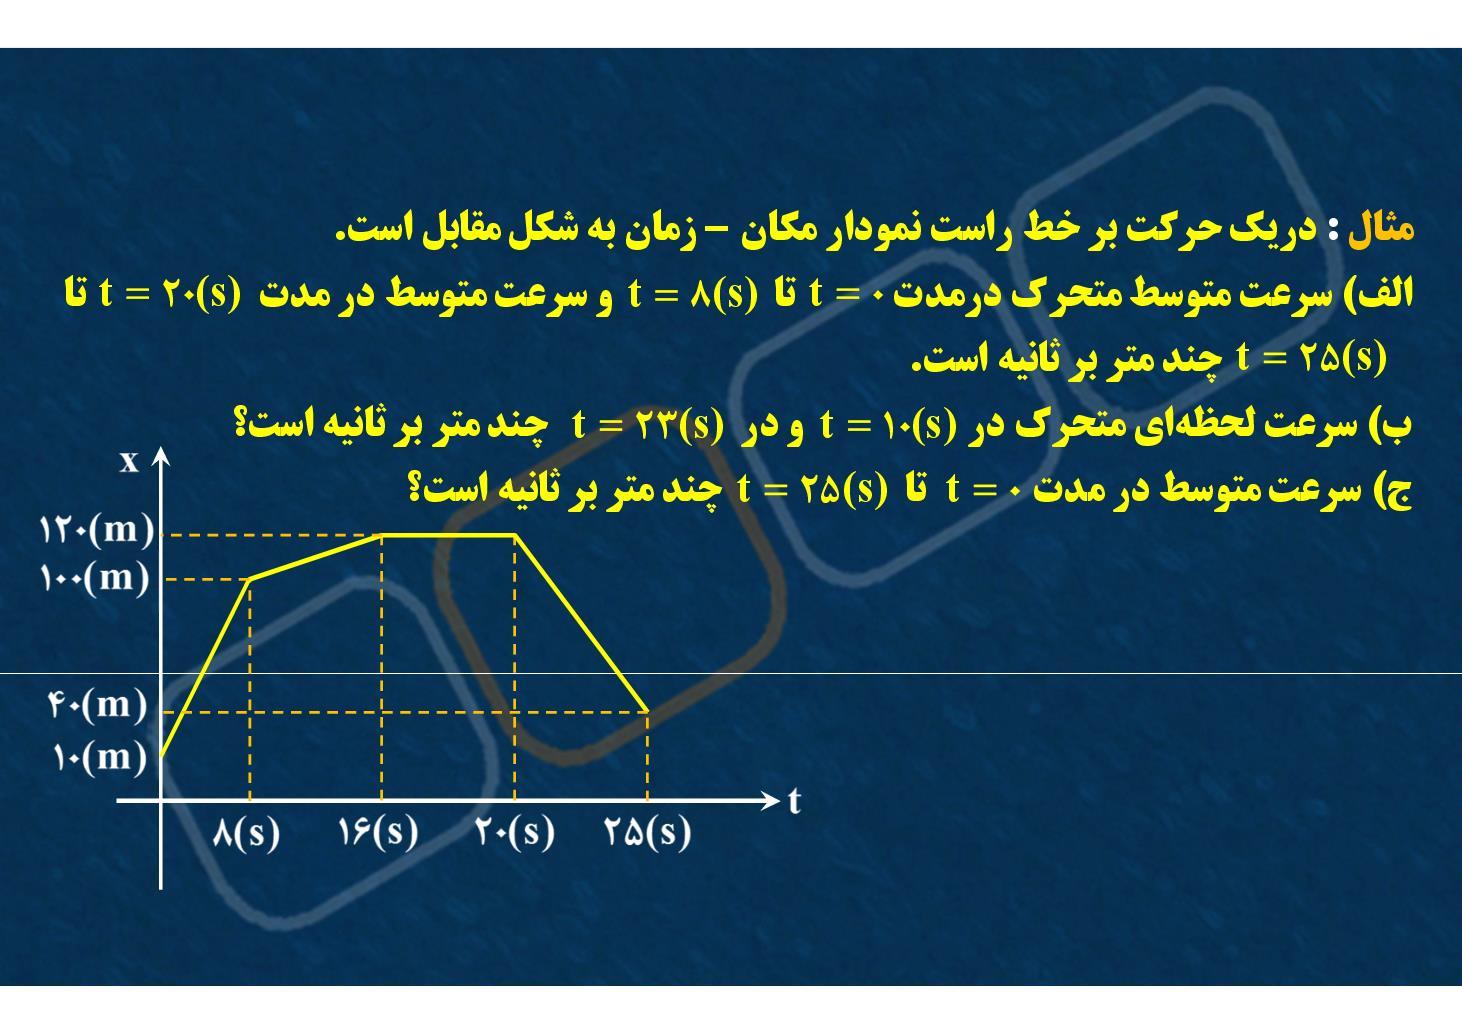 فیزیک٢- فصل ٢- توالی چند حرکت یکنواخت روی خط راست- بخش ١ (PDF)